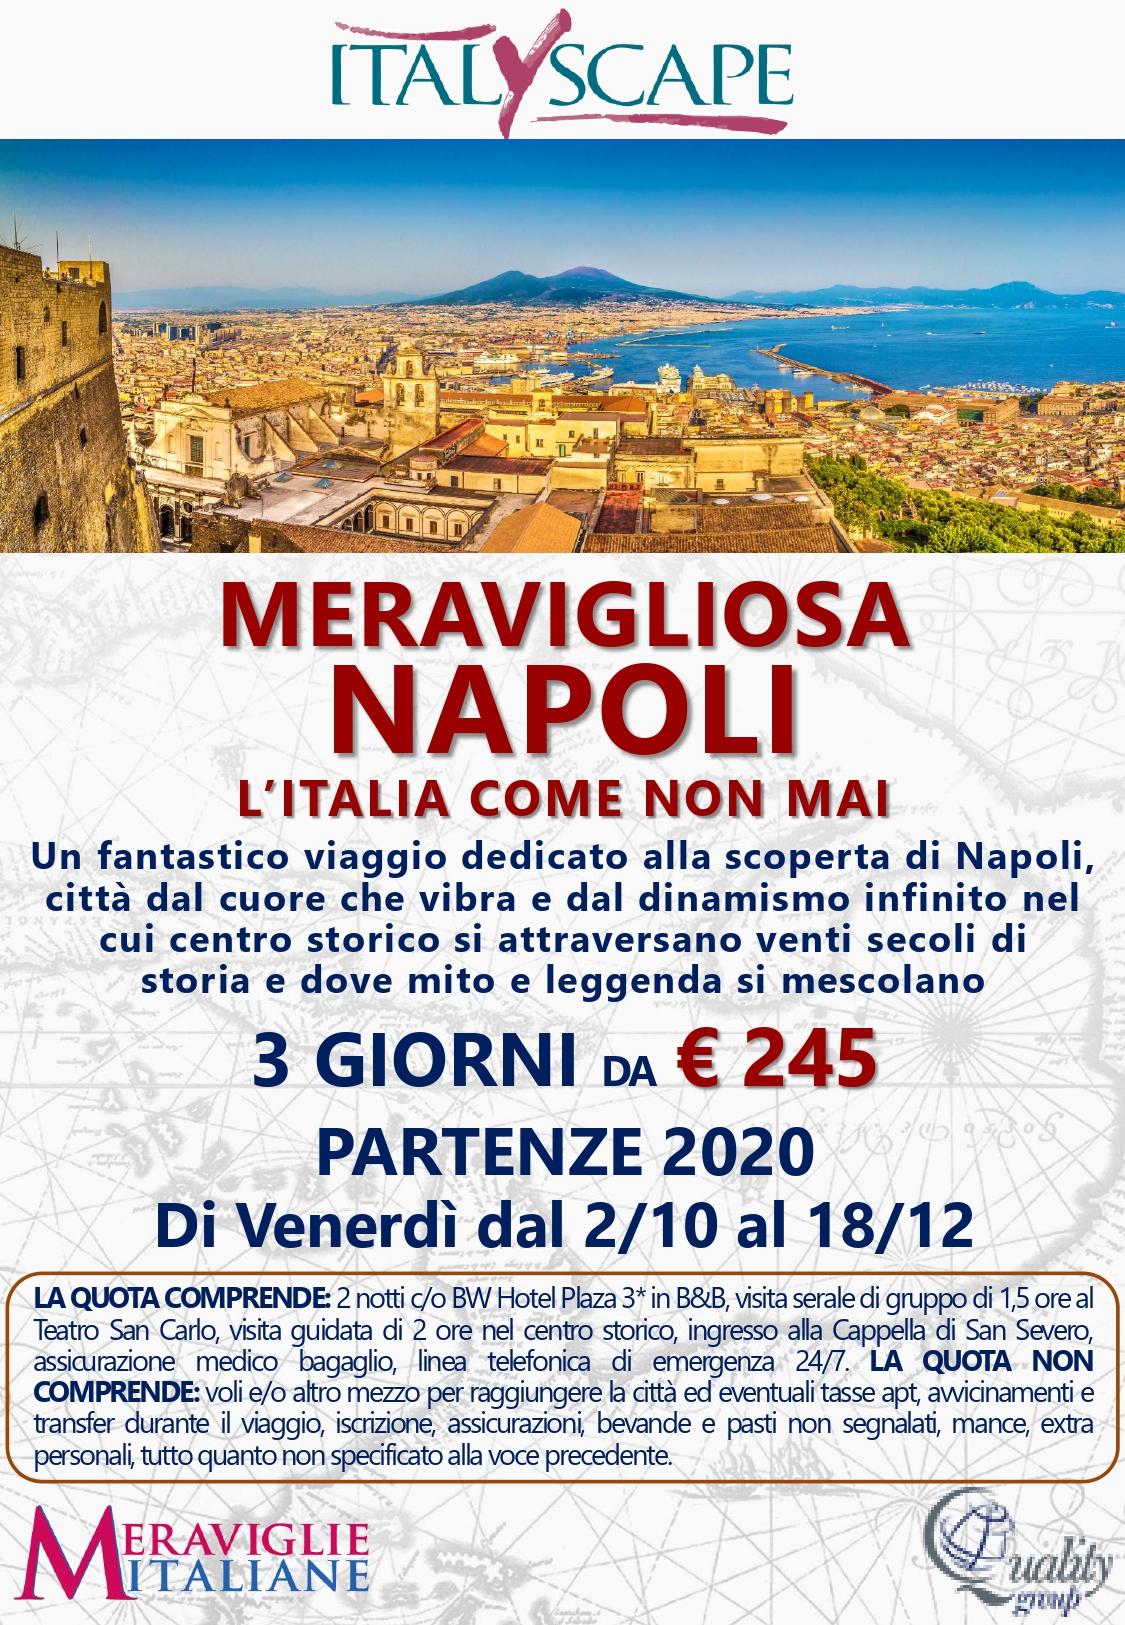 M20201219_NAPOLI MERAVIGLIOSA_page-0001.